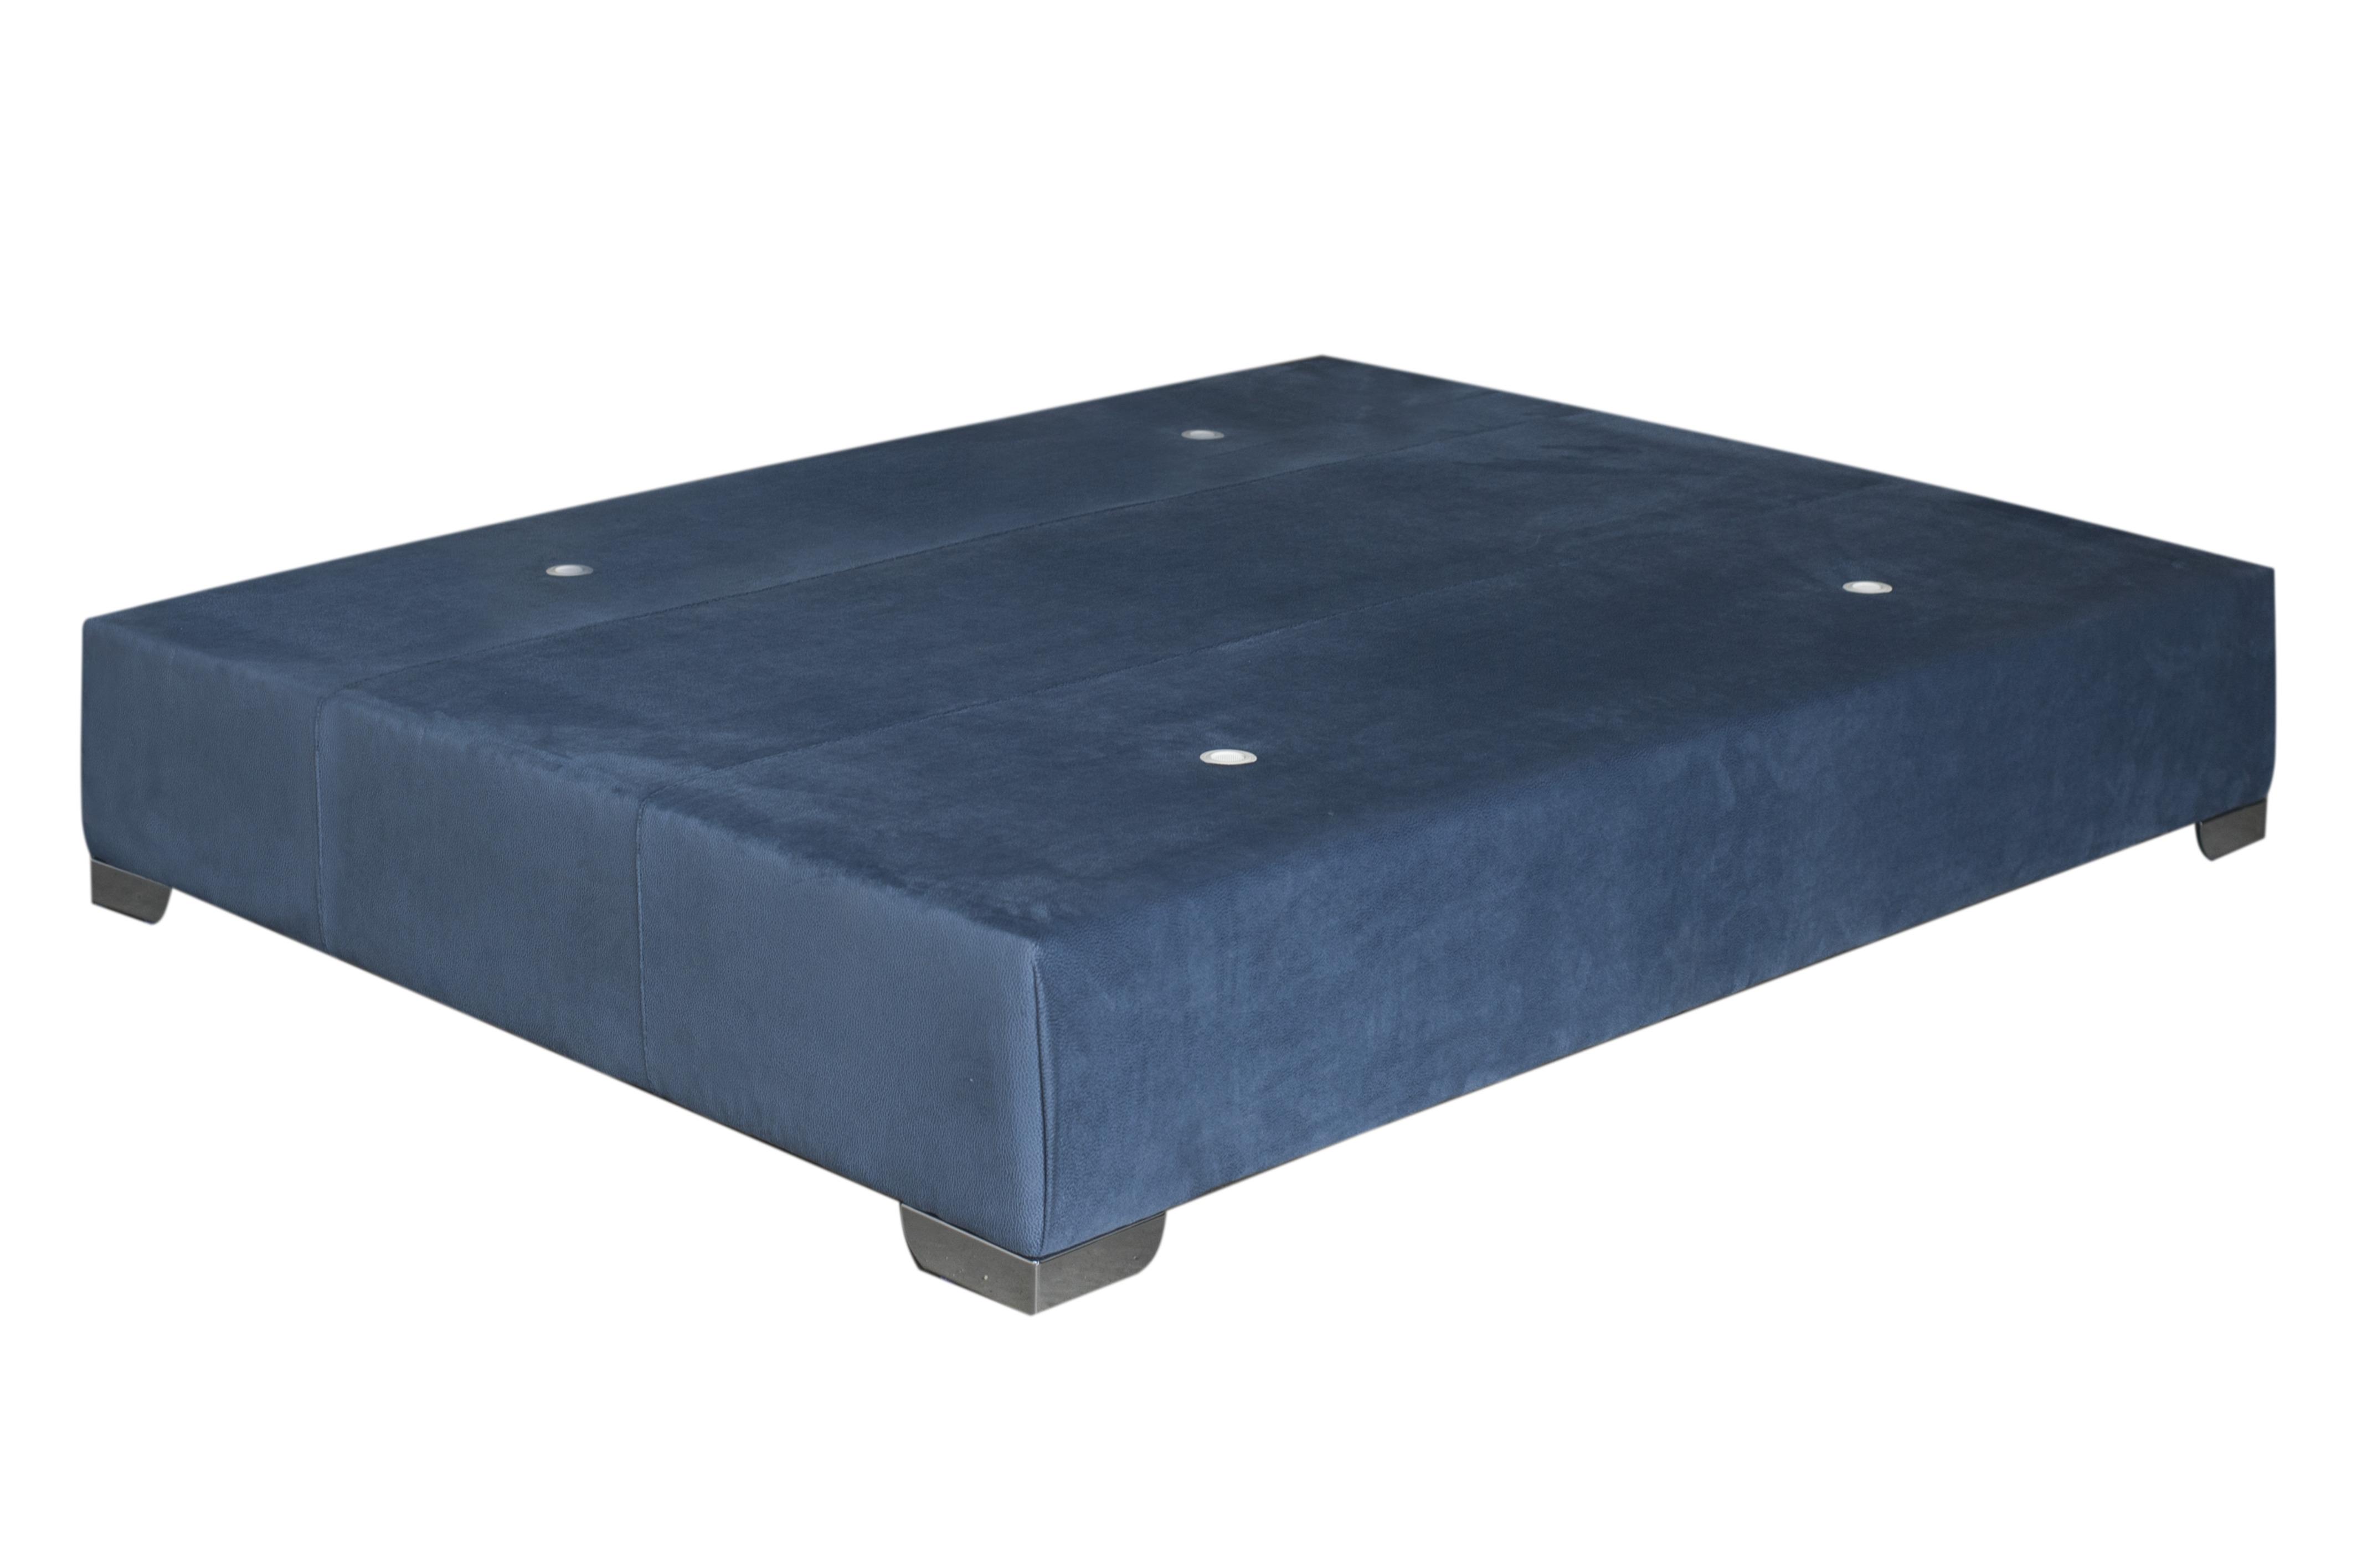 Canapé fijo support tela